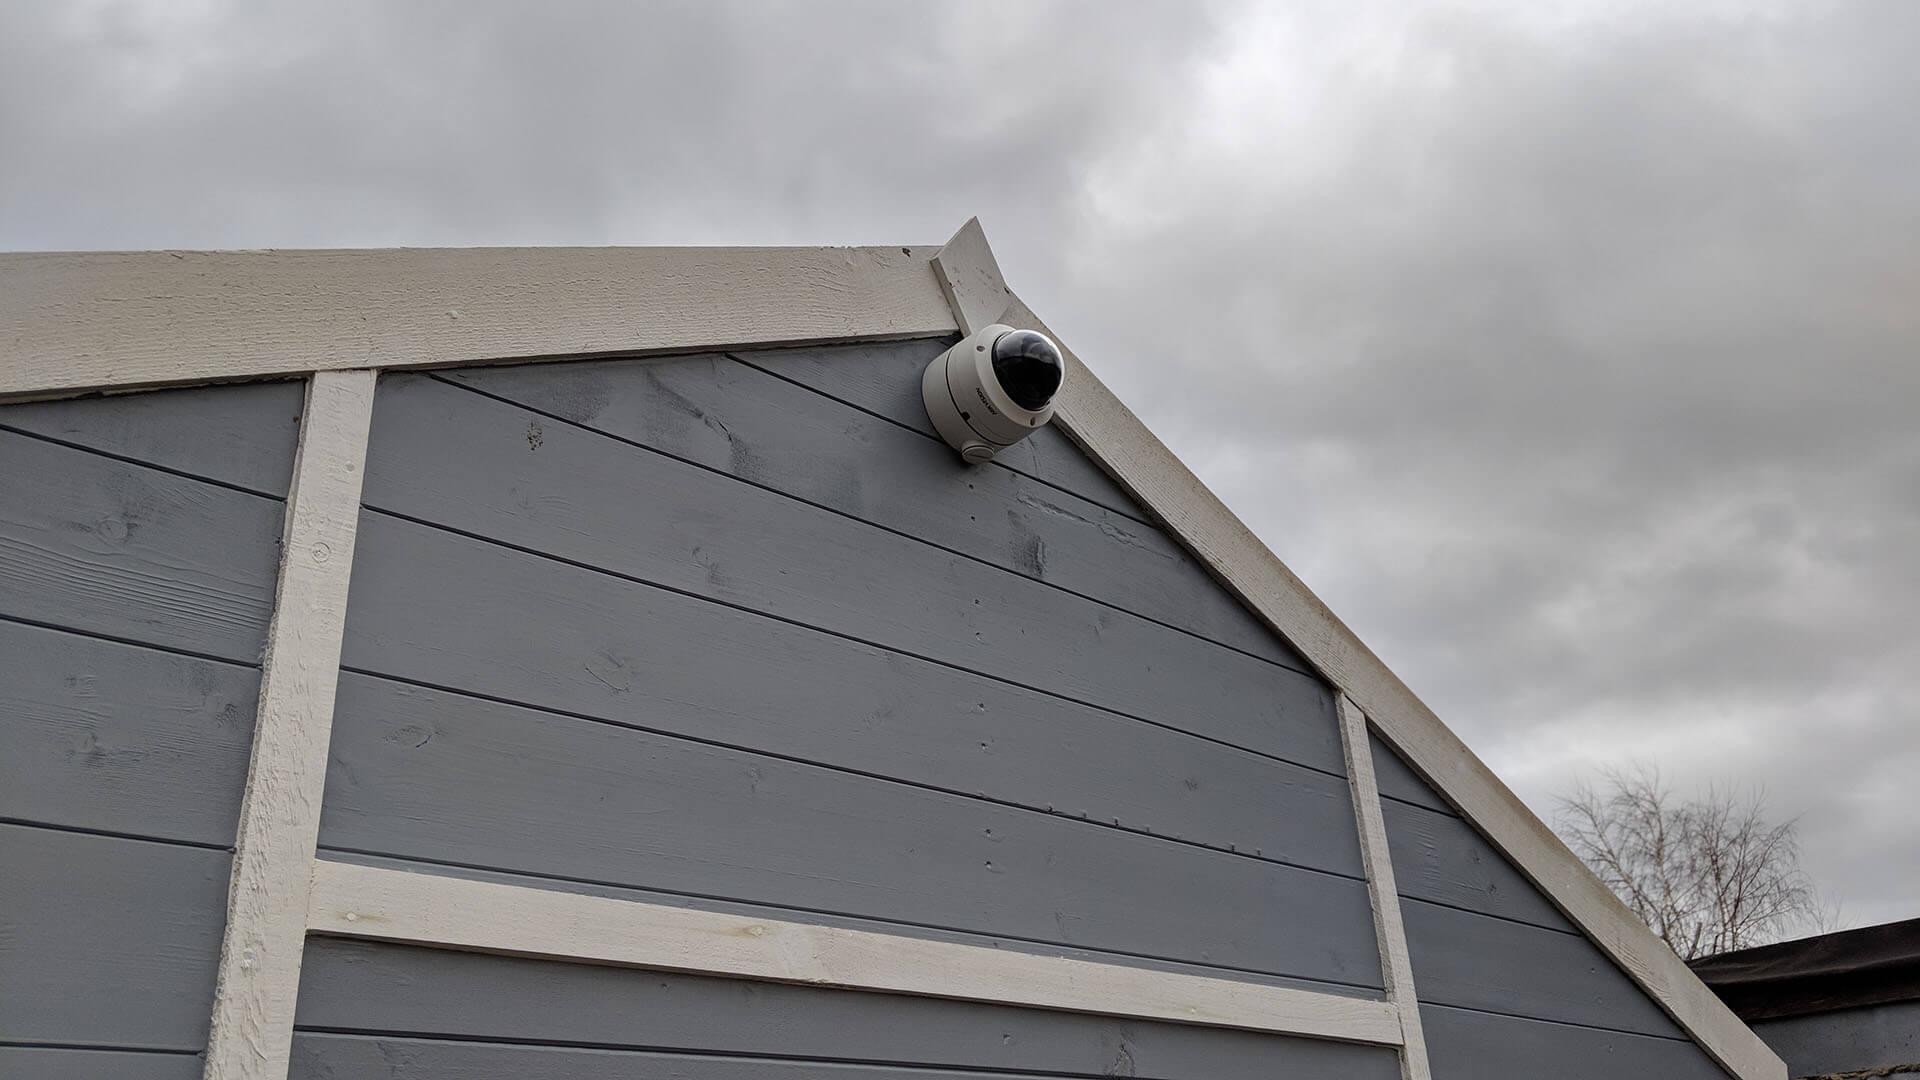 CCTV Installation in Dagenham